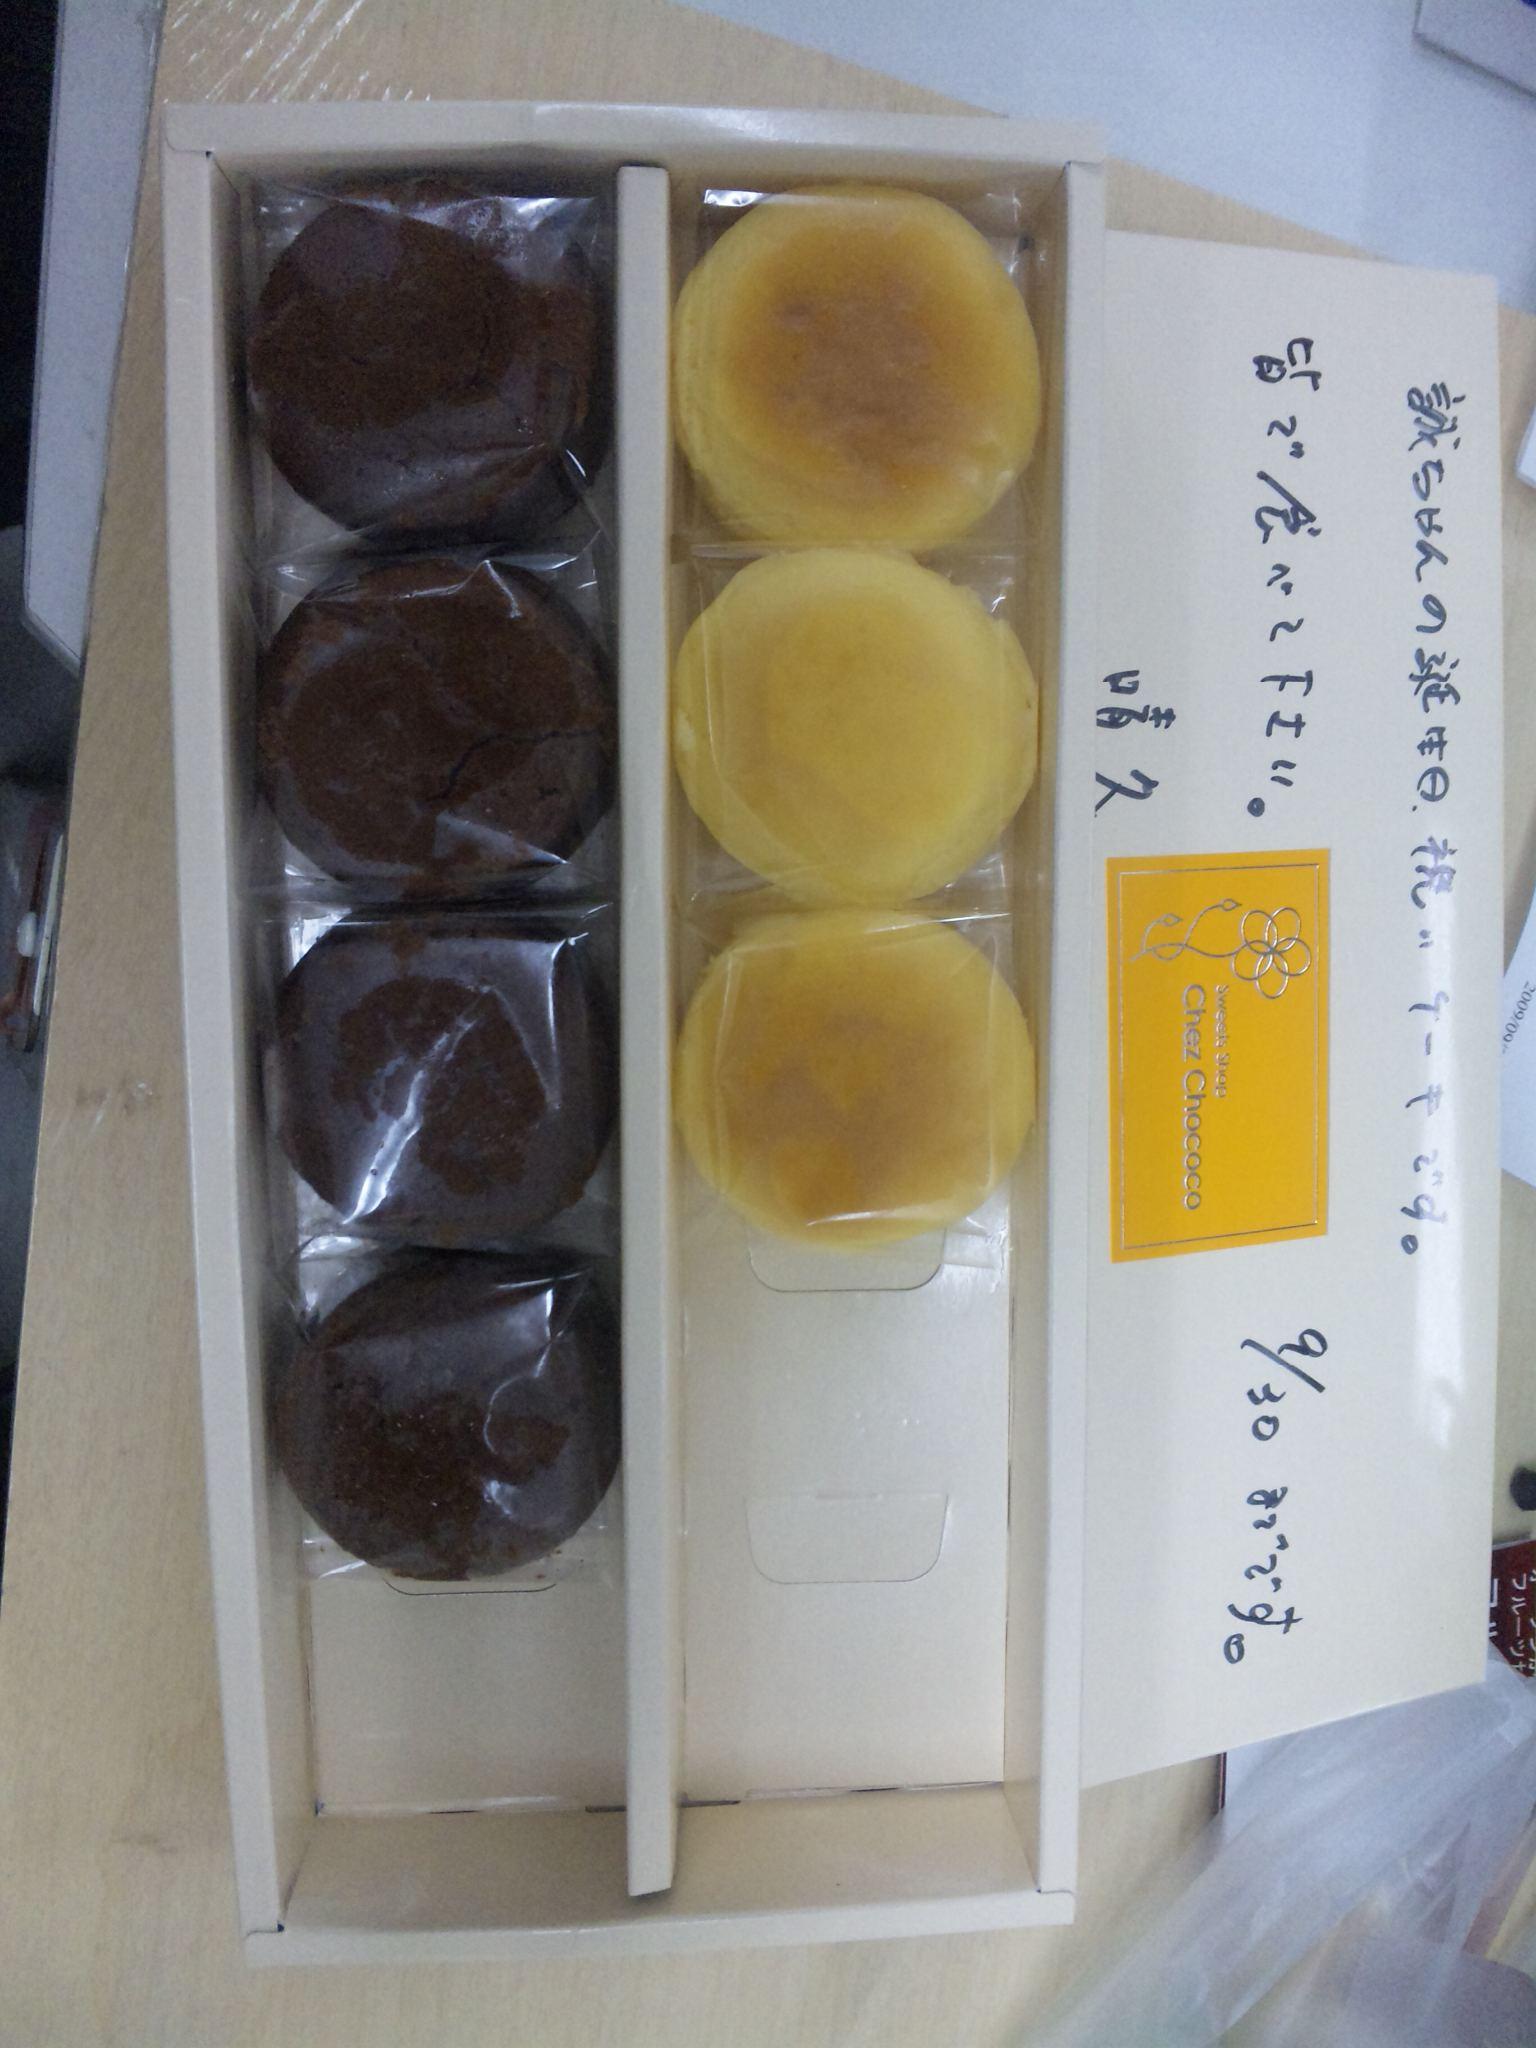 誠ちゃんの誕生日祝いのケーキ食べて下さい_d0147165_17273728.jpg